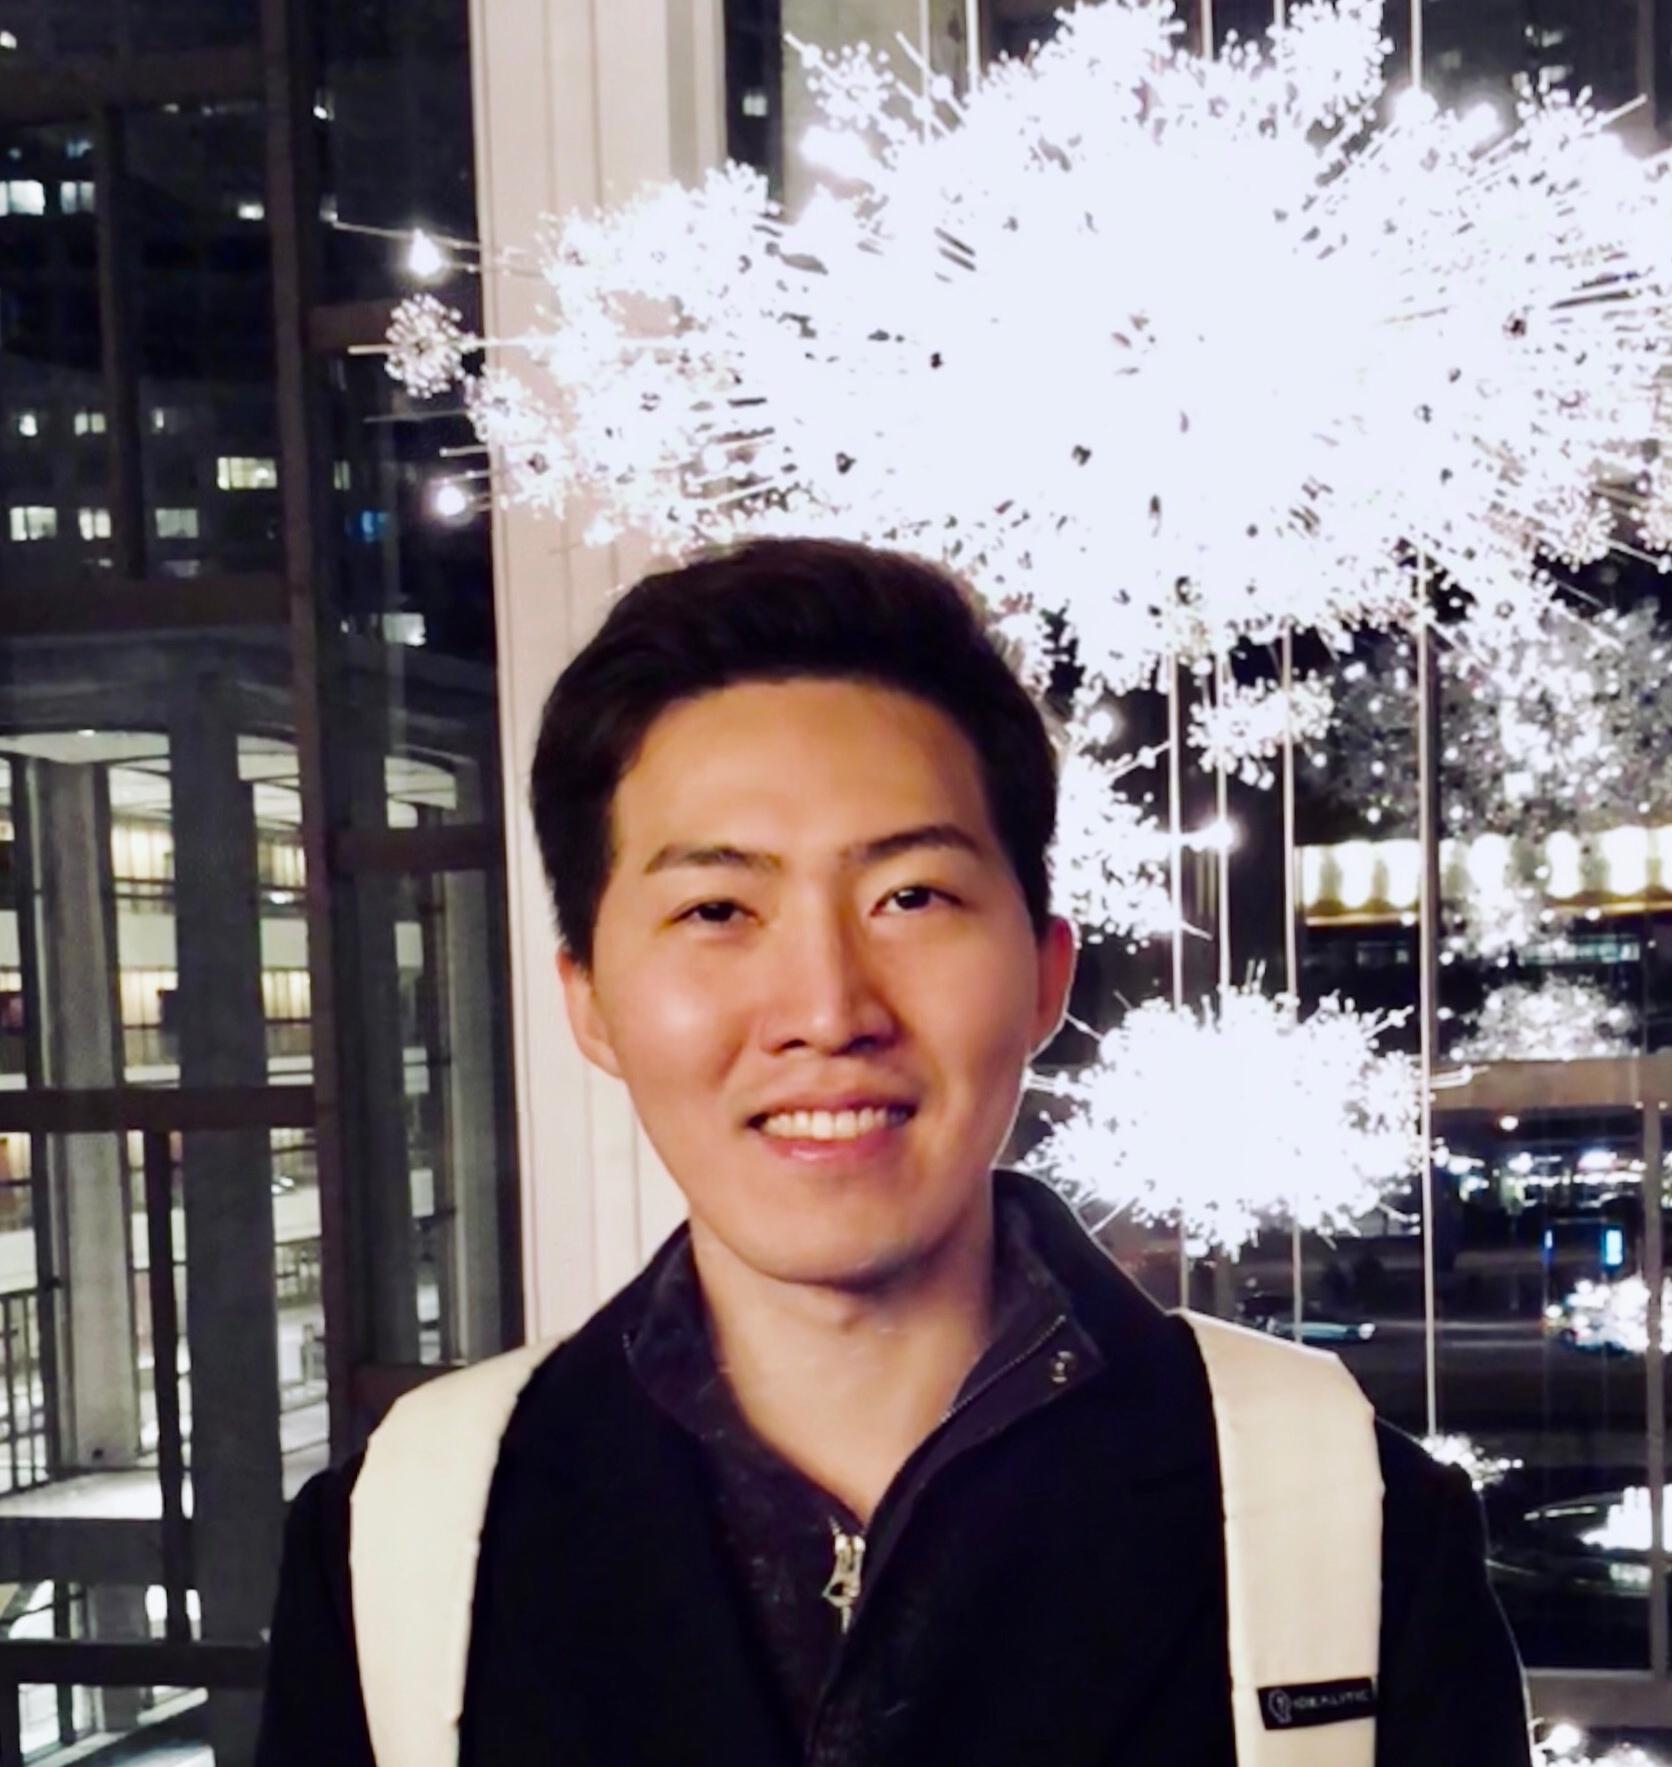 ユ デヒョン   東京大学工学系研究科 特別研究員の画像